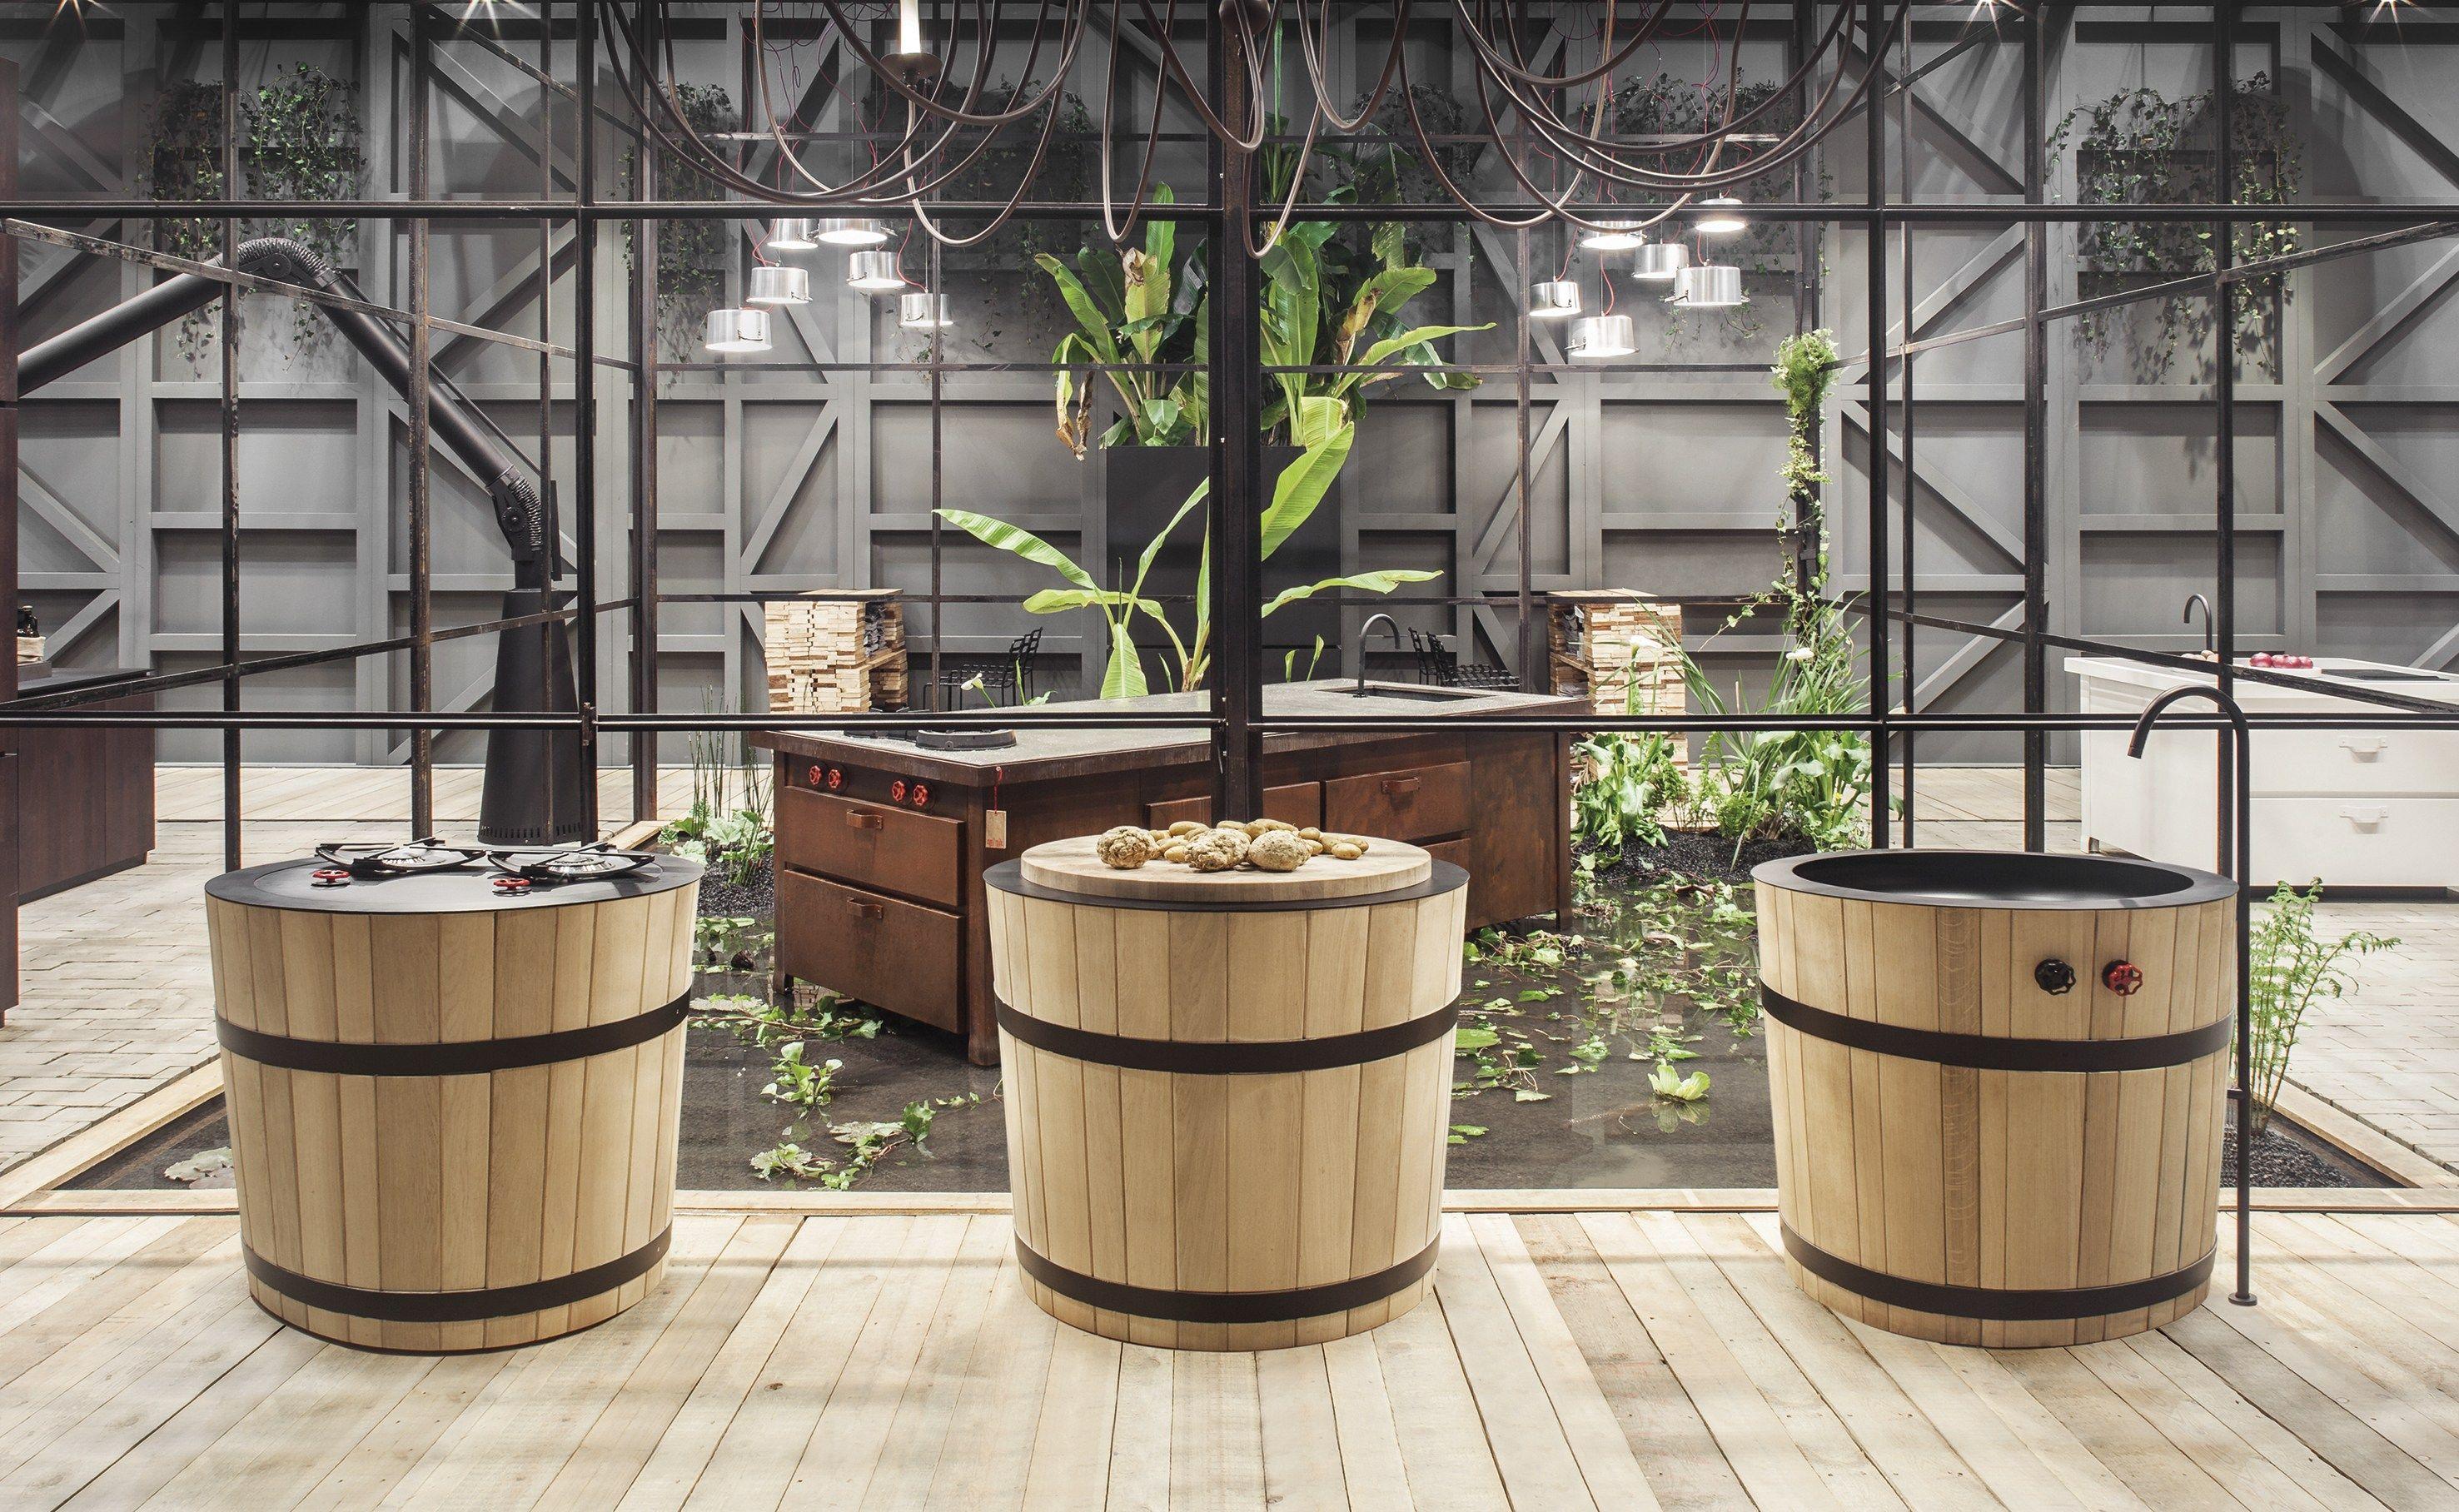 Cucina Con Piano Cottura In Vetro : Cucina con piano cottura in vetro.